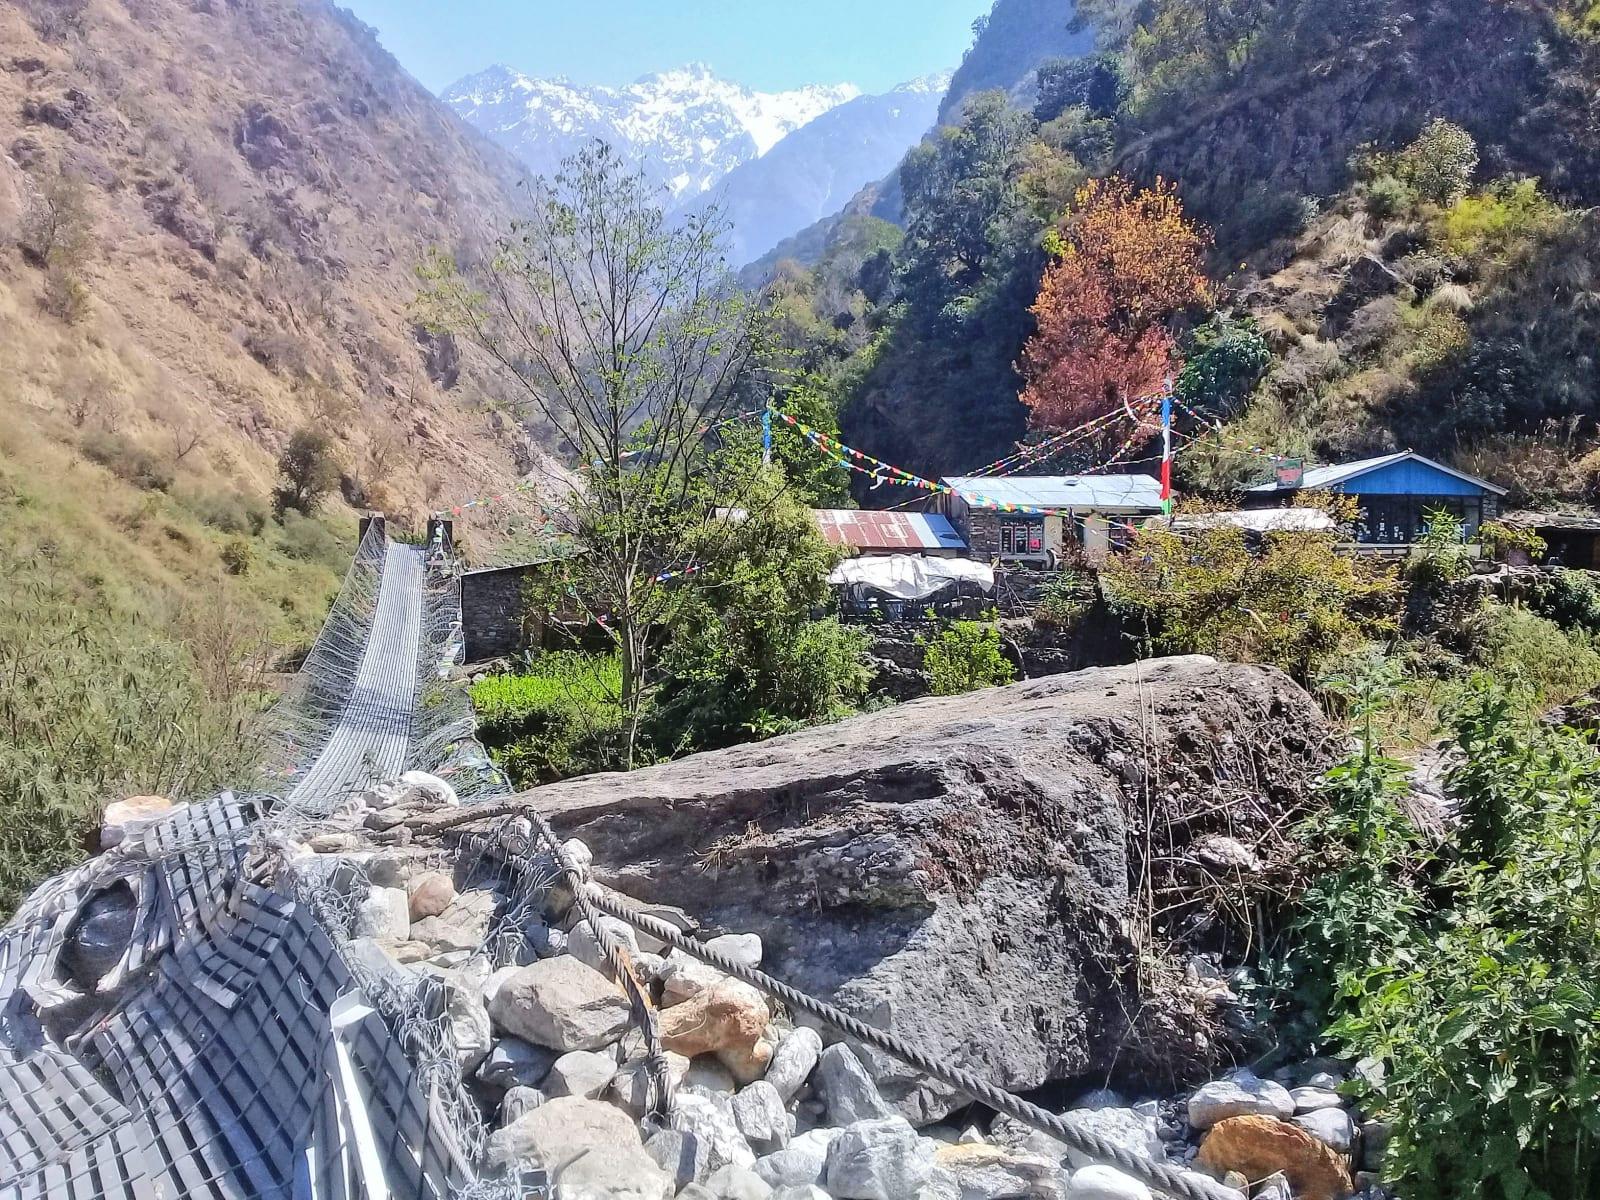 Těsně-před-přechodem-jednoho-z-poničených-mostů-zemětřesením-Nepál